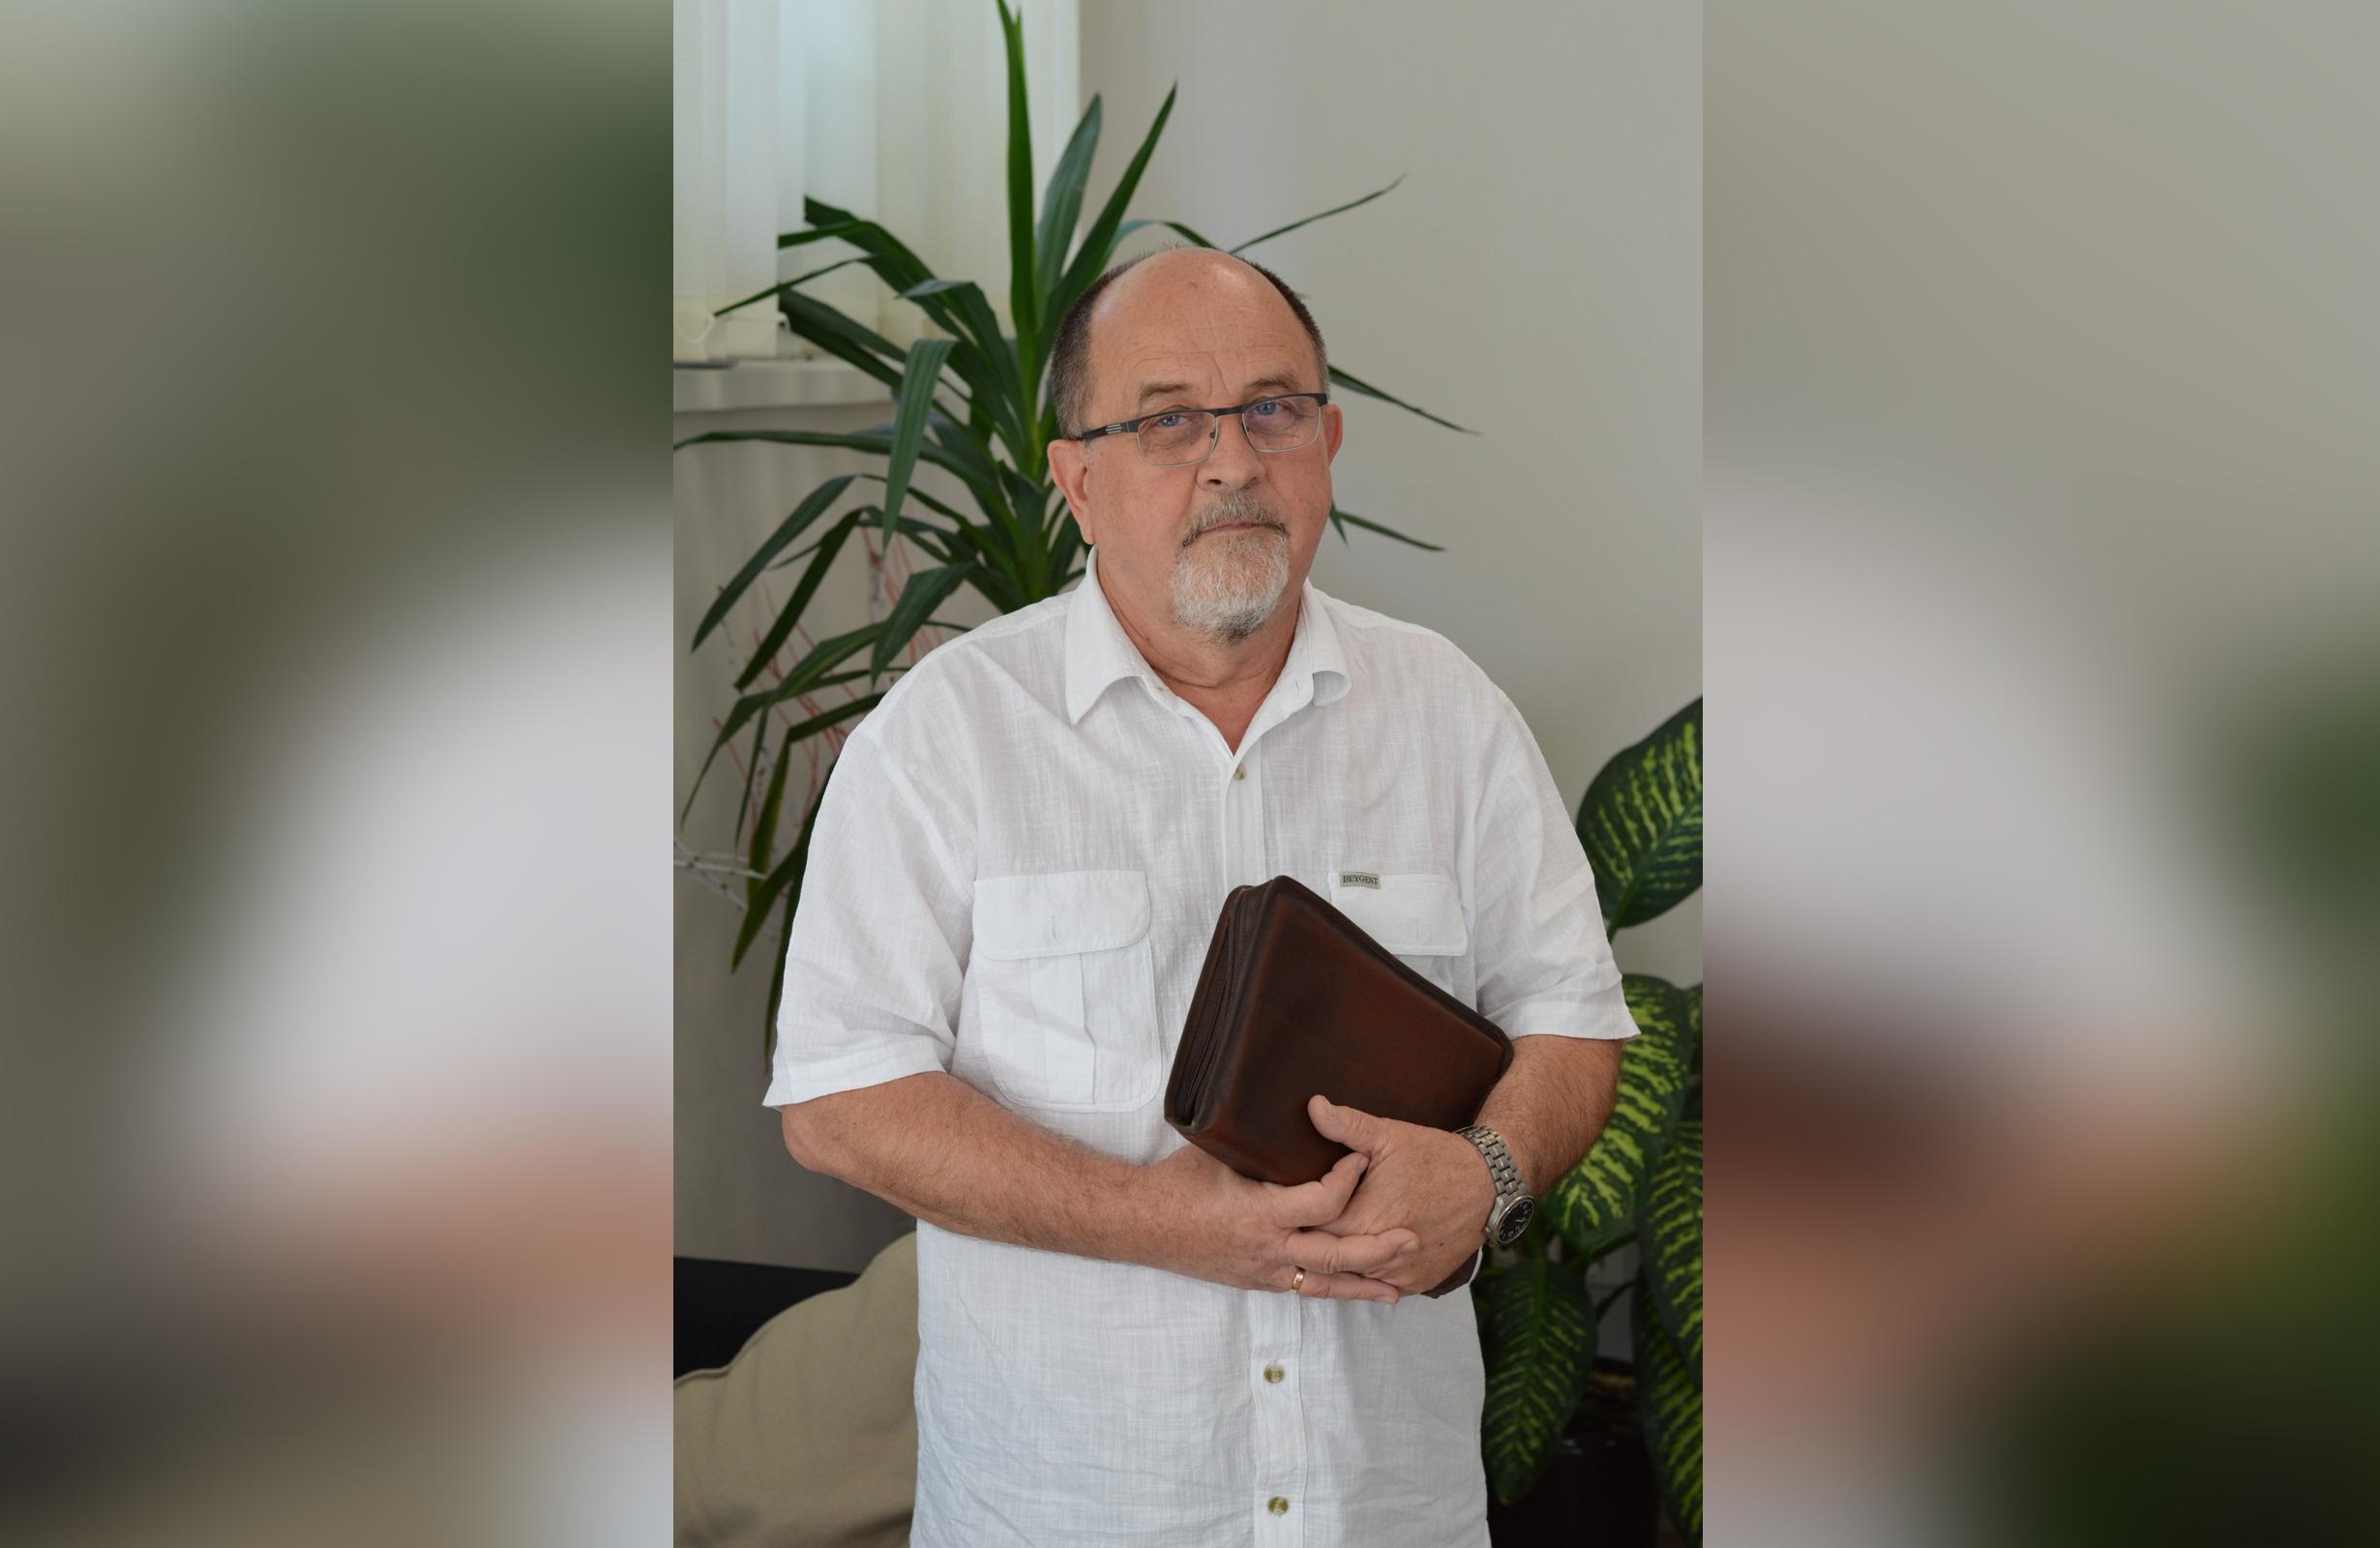 """""""Az evangélium hirdetésének nem lehetnek határai!"""" – interjú Berki Andrással, az MPE OCM misszióvezető-helyettesével"""